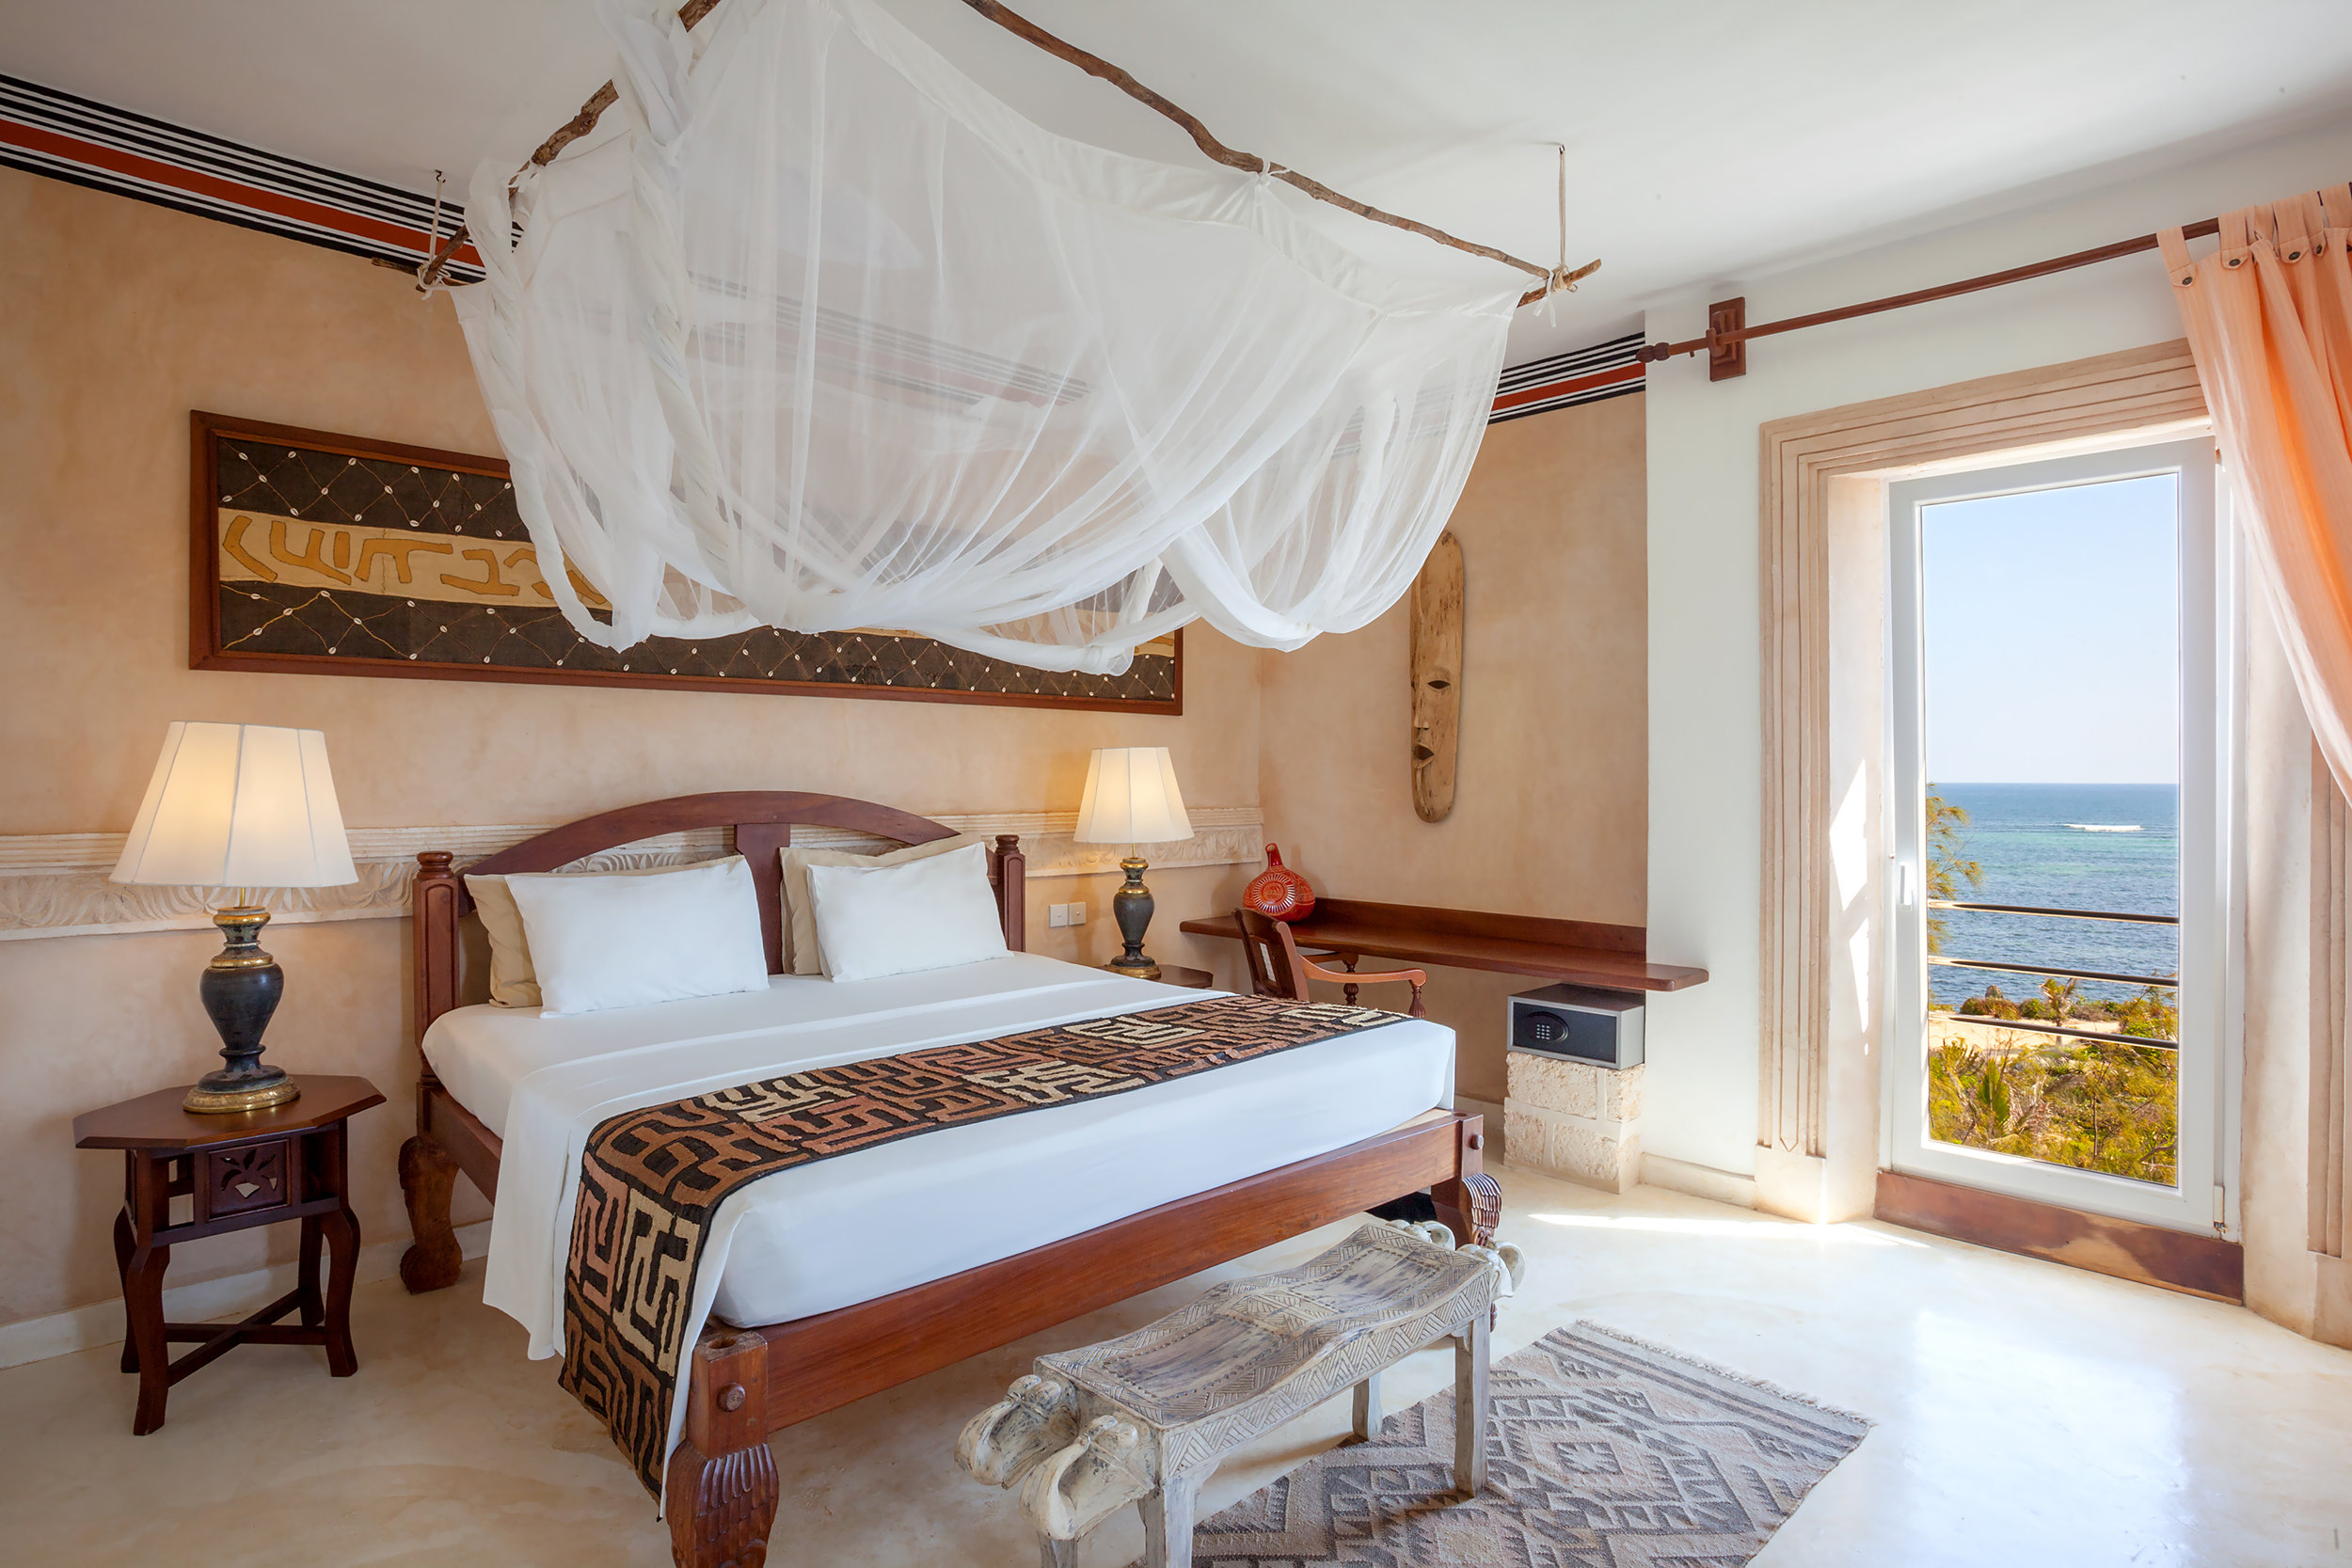 hotel E resort LUSSO - PER PROPRIETARI DI HOTEL, MANAGER, E MARKETING MANAGER